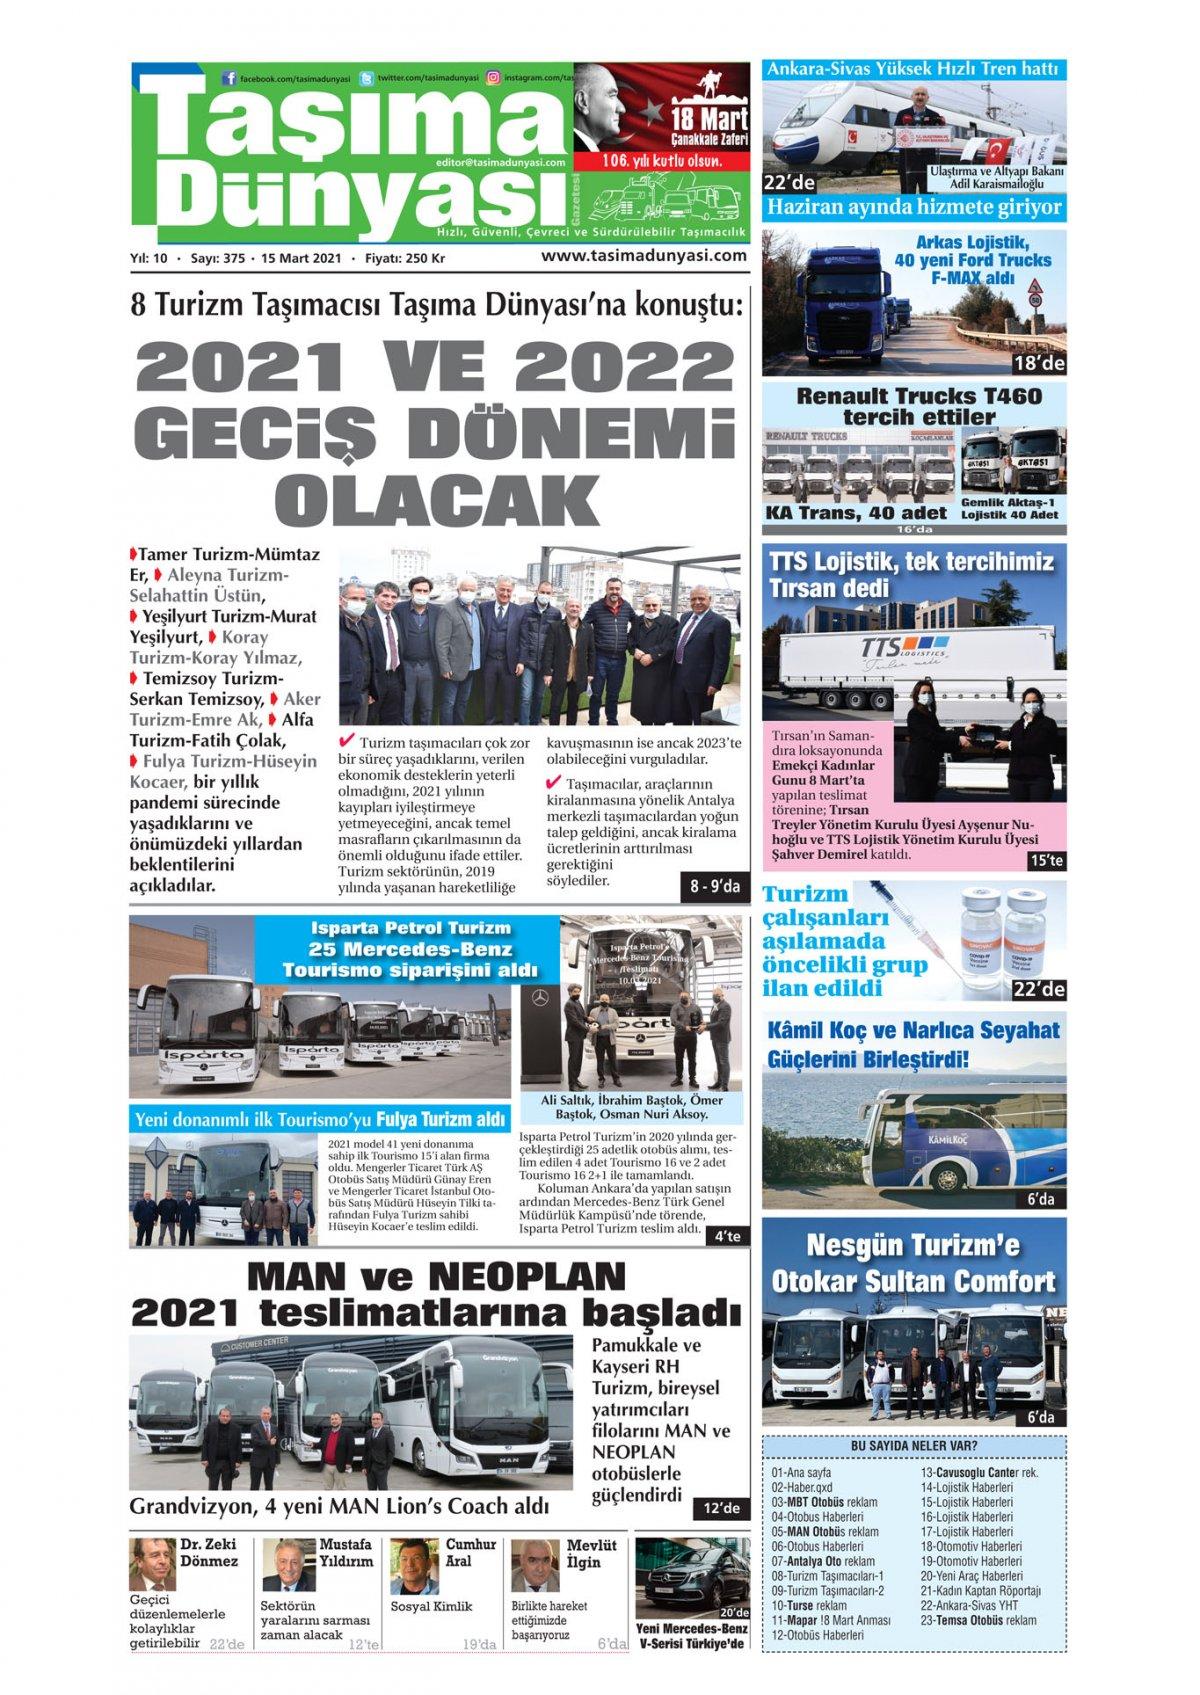 Taşıma Dünyası Gazetesi - 15.03.2021 Manşeti